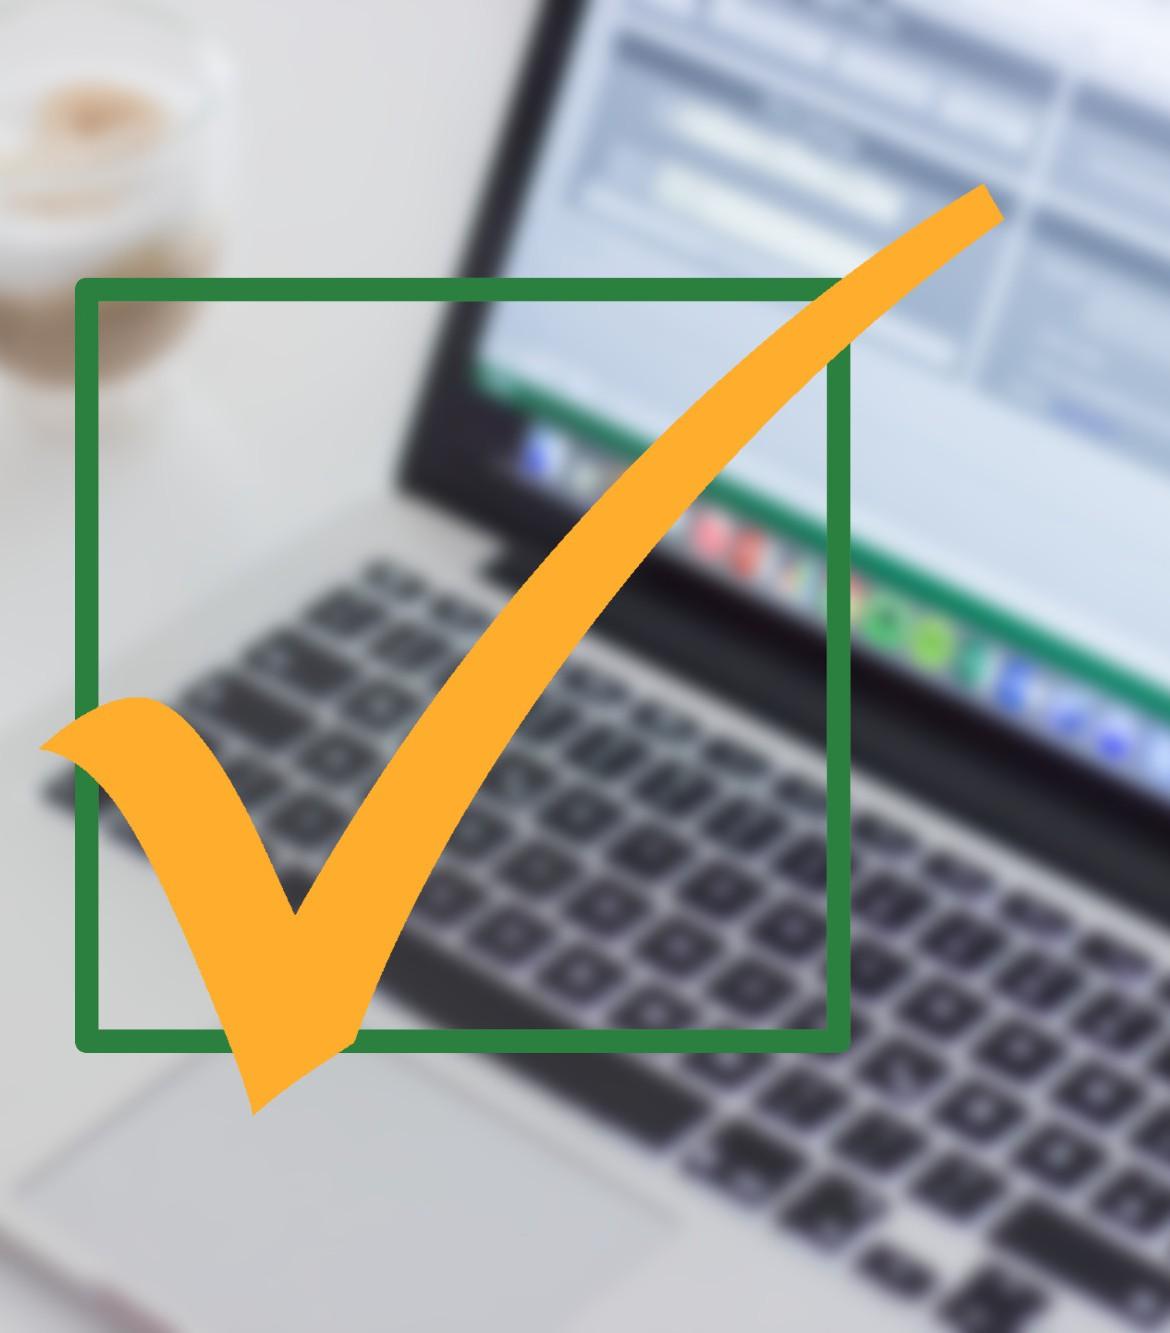 checklist, finalize, workbook, finish, up, send, list